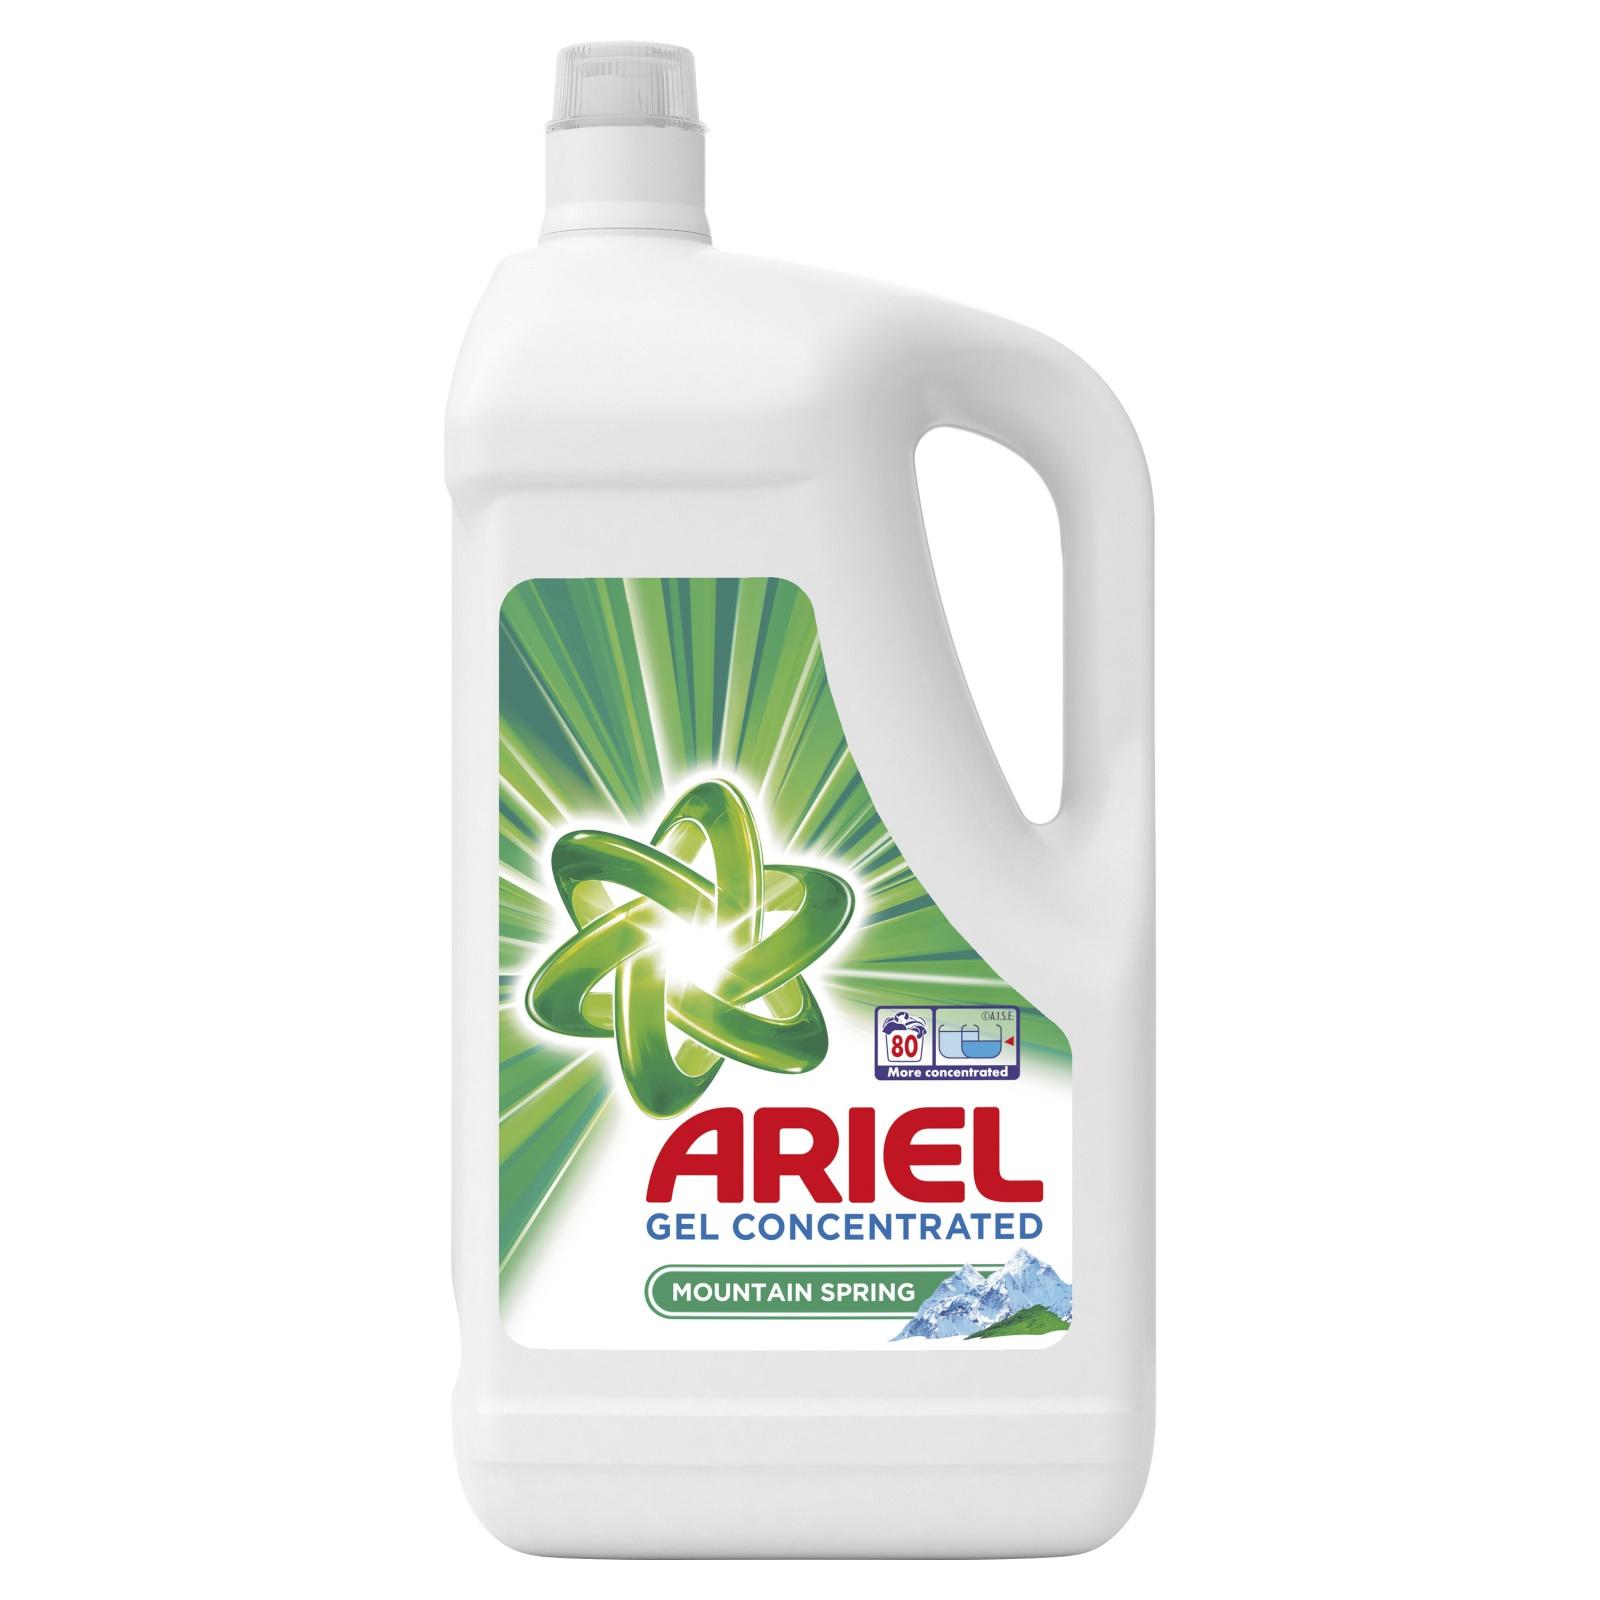 Ariel prací gel Mountain Spring, 80 praní 4,4 l